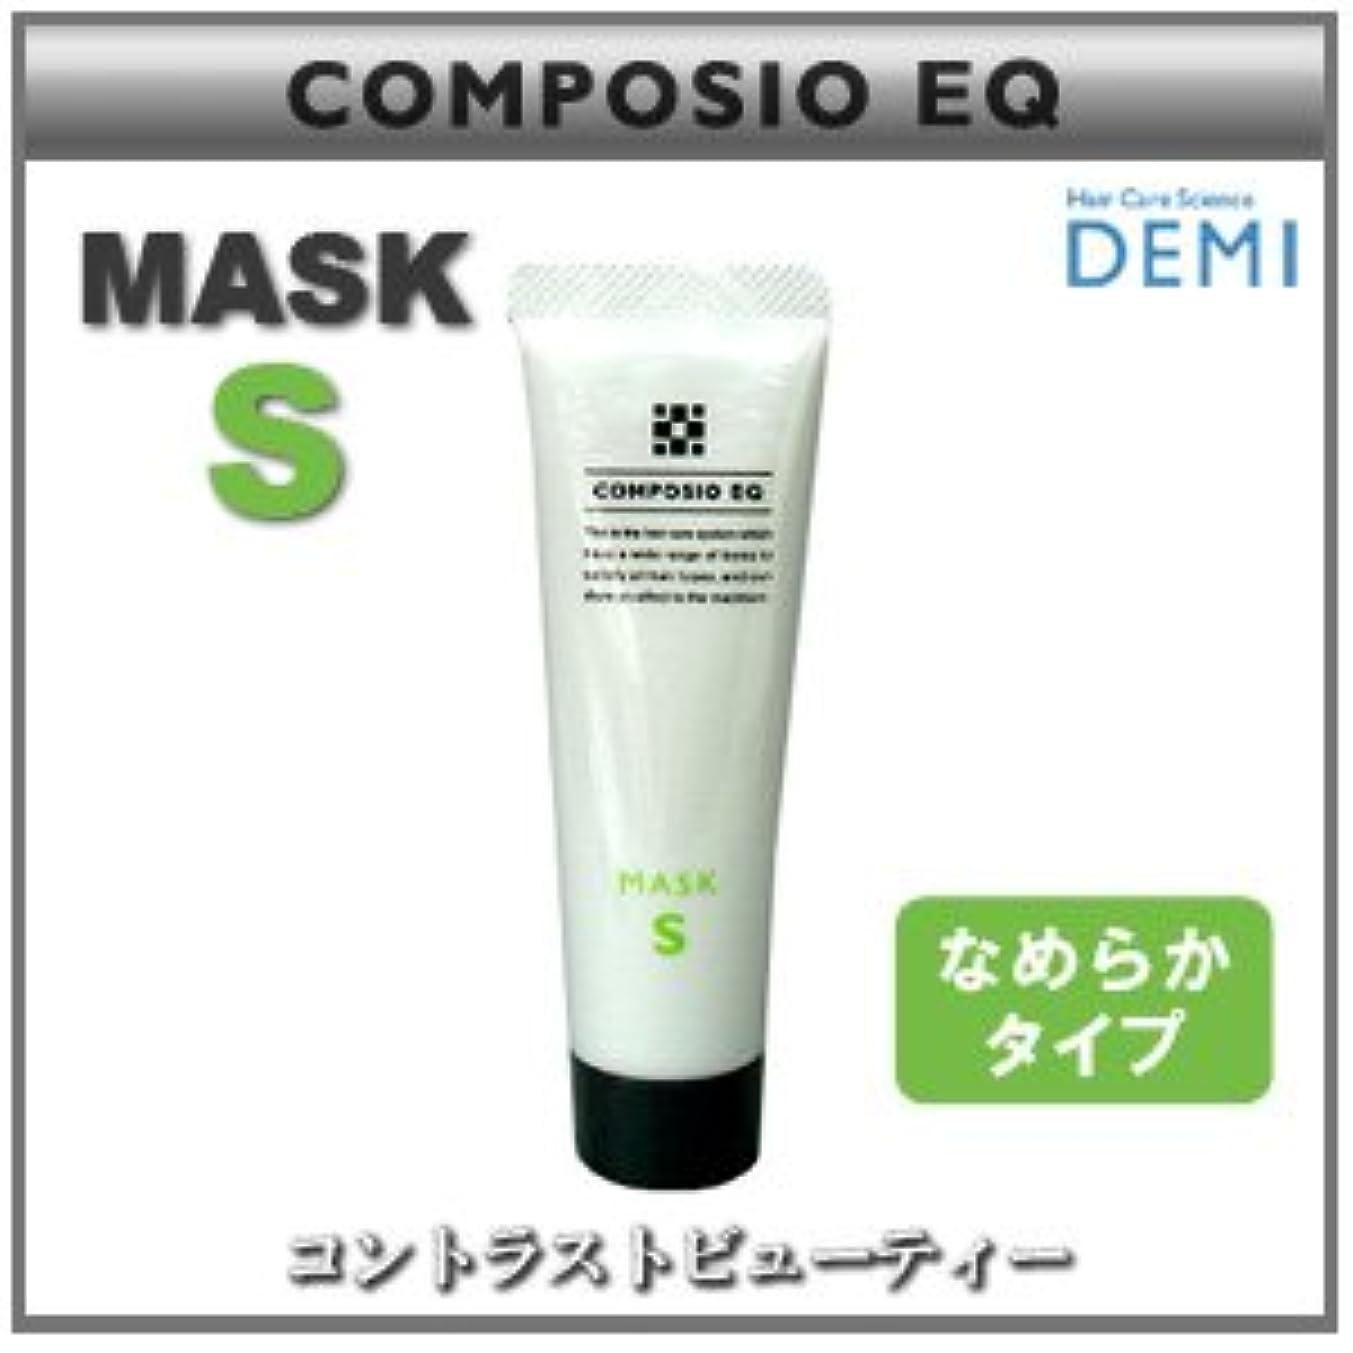 懲らしめレイアウト覗く【X2個セット】 デミ コンポジオ EQ マスク S 50g